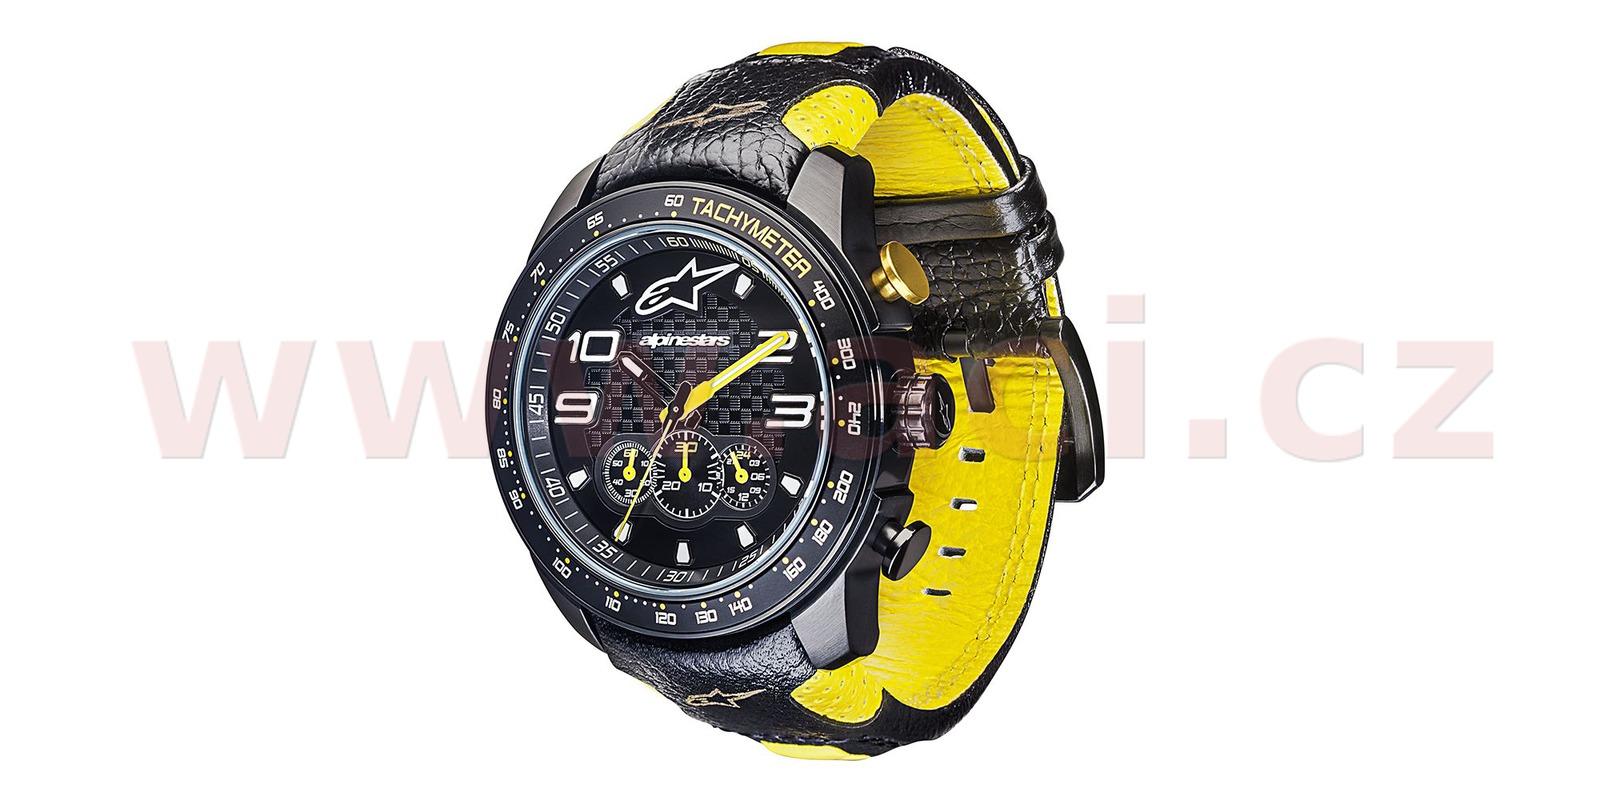 8b6d78b1d hodinky TECH RACE CHRONO, ALPINESTARS (černá/žlutá, kožený pásek) M000-1071  ALPINESTARS